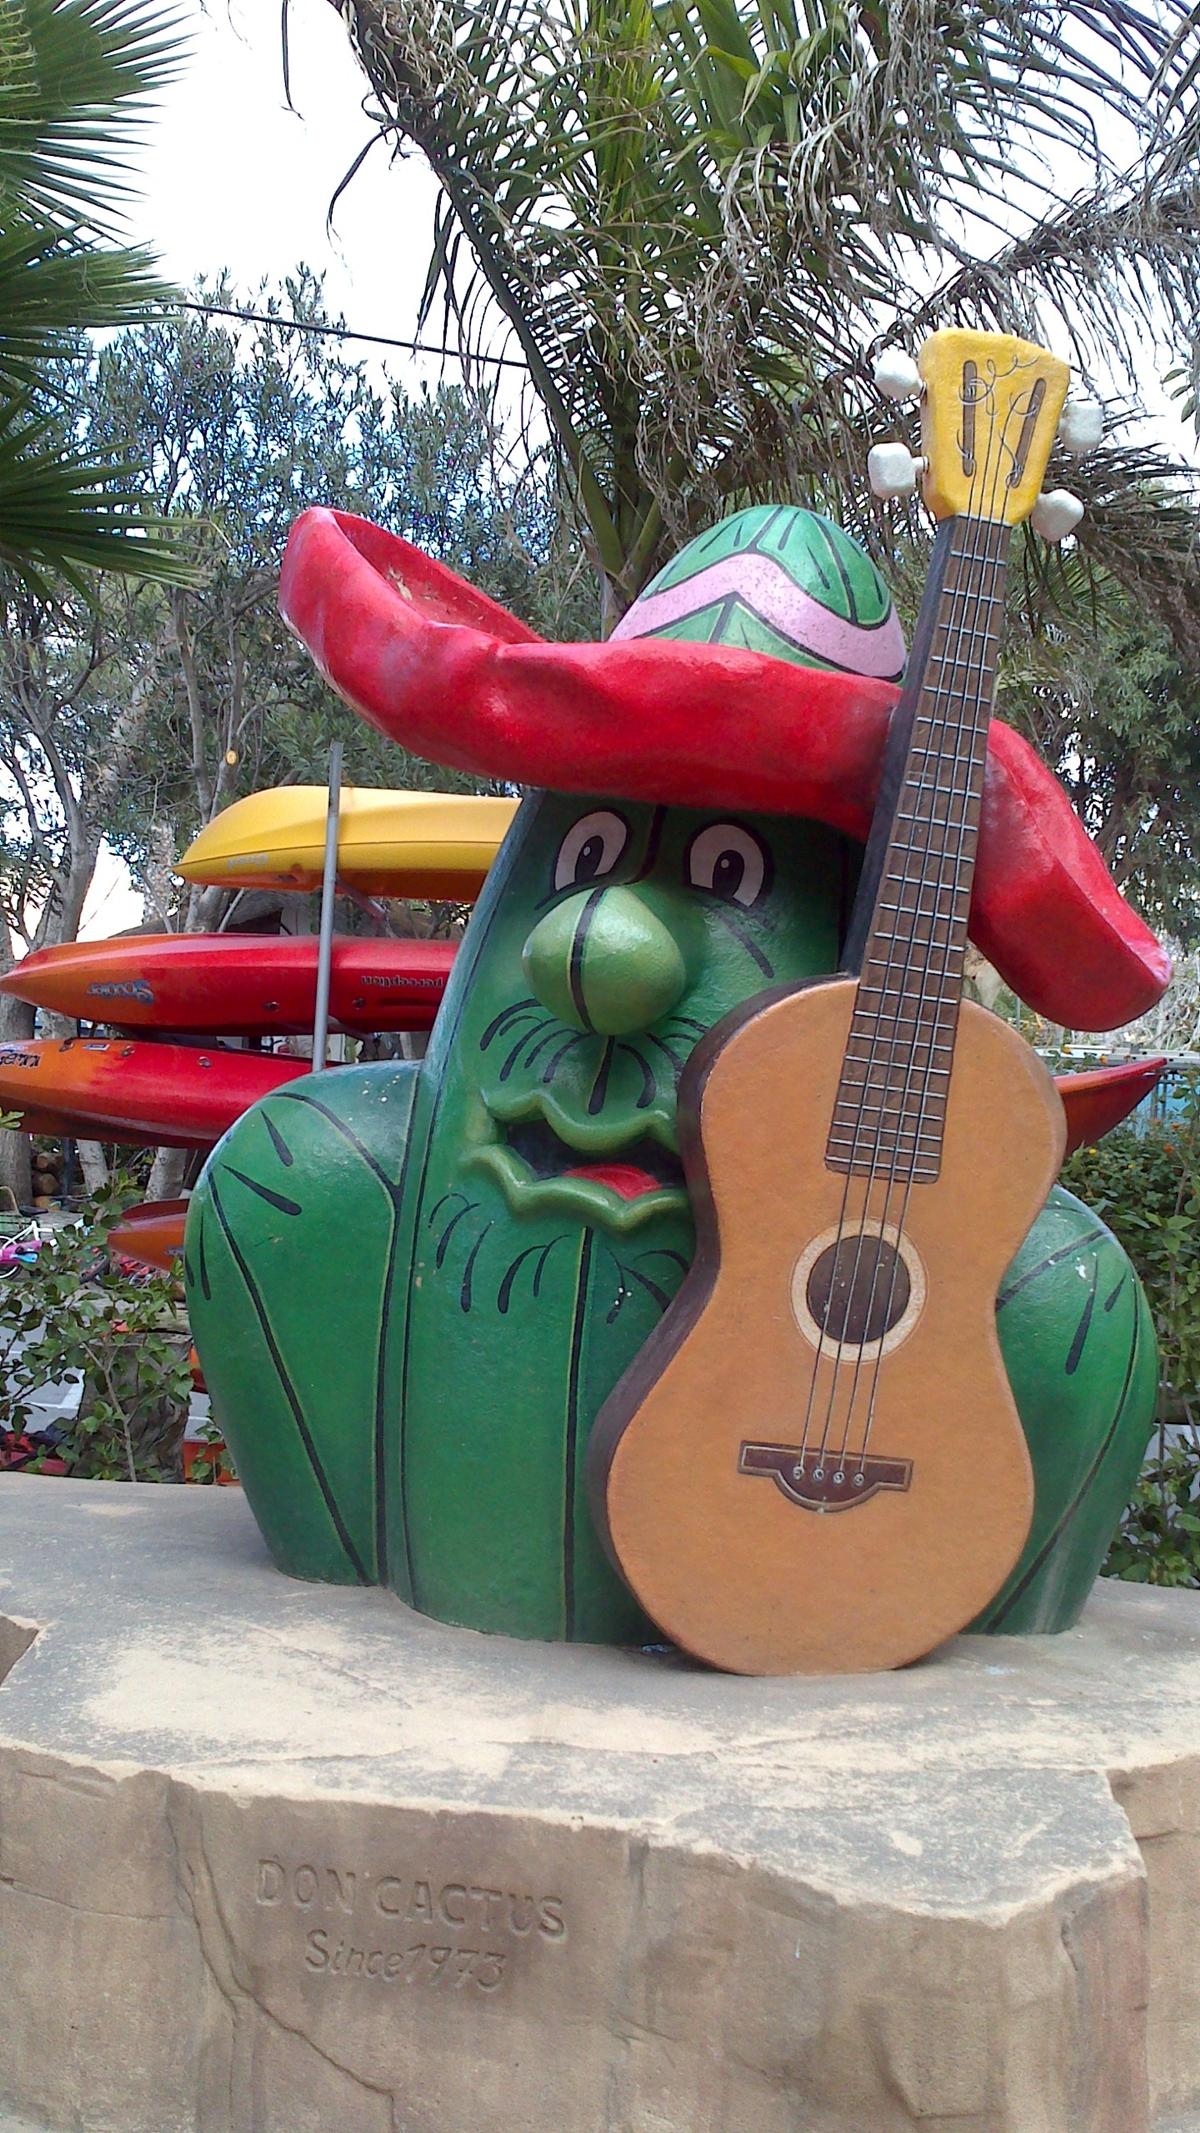 Don Cactus camp